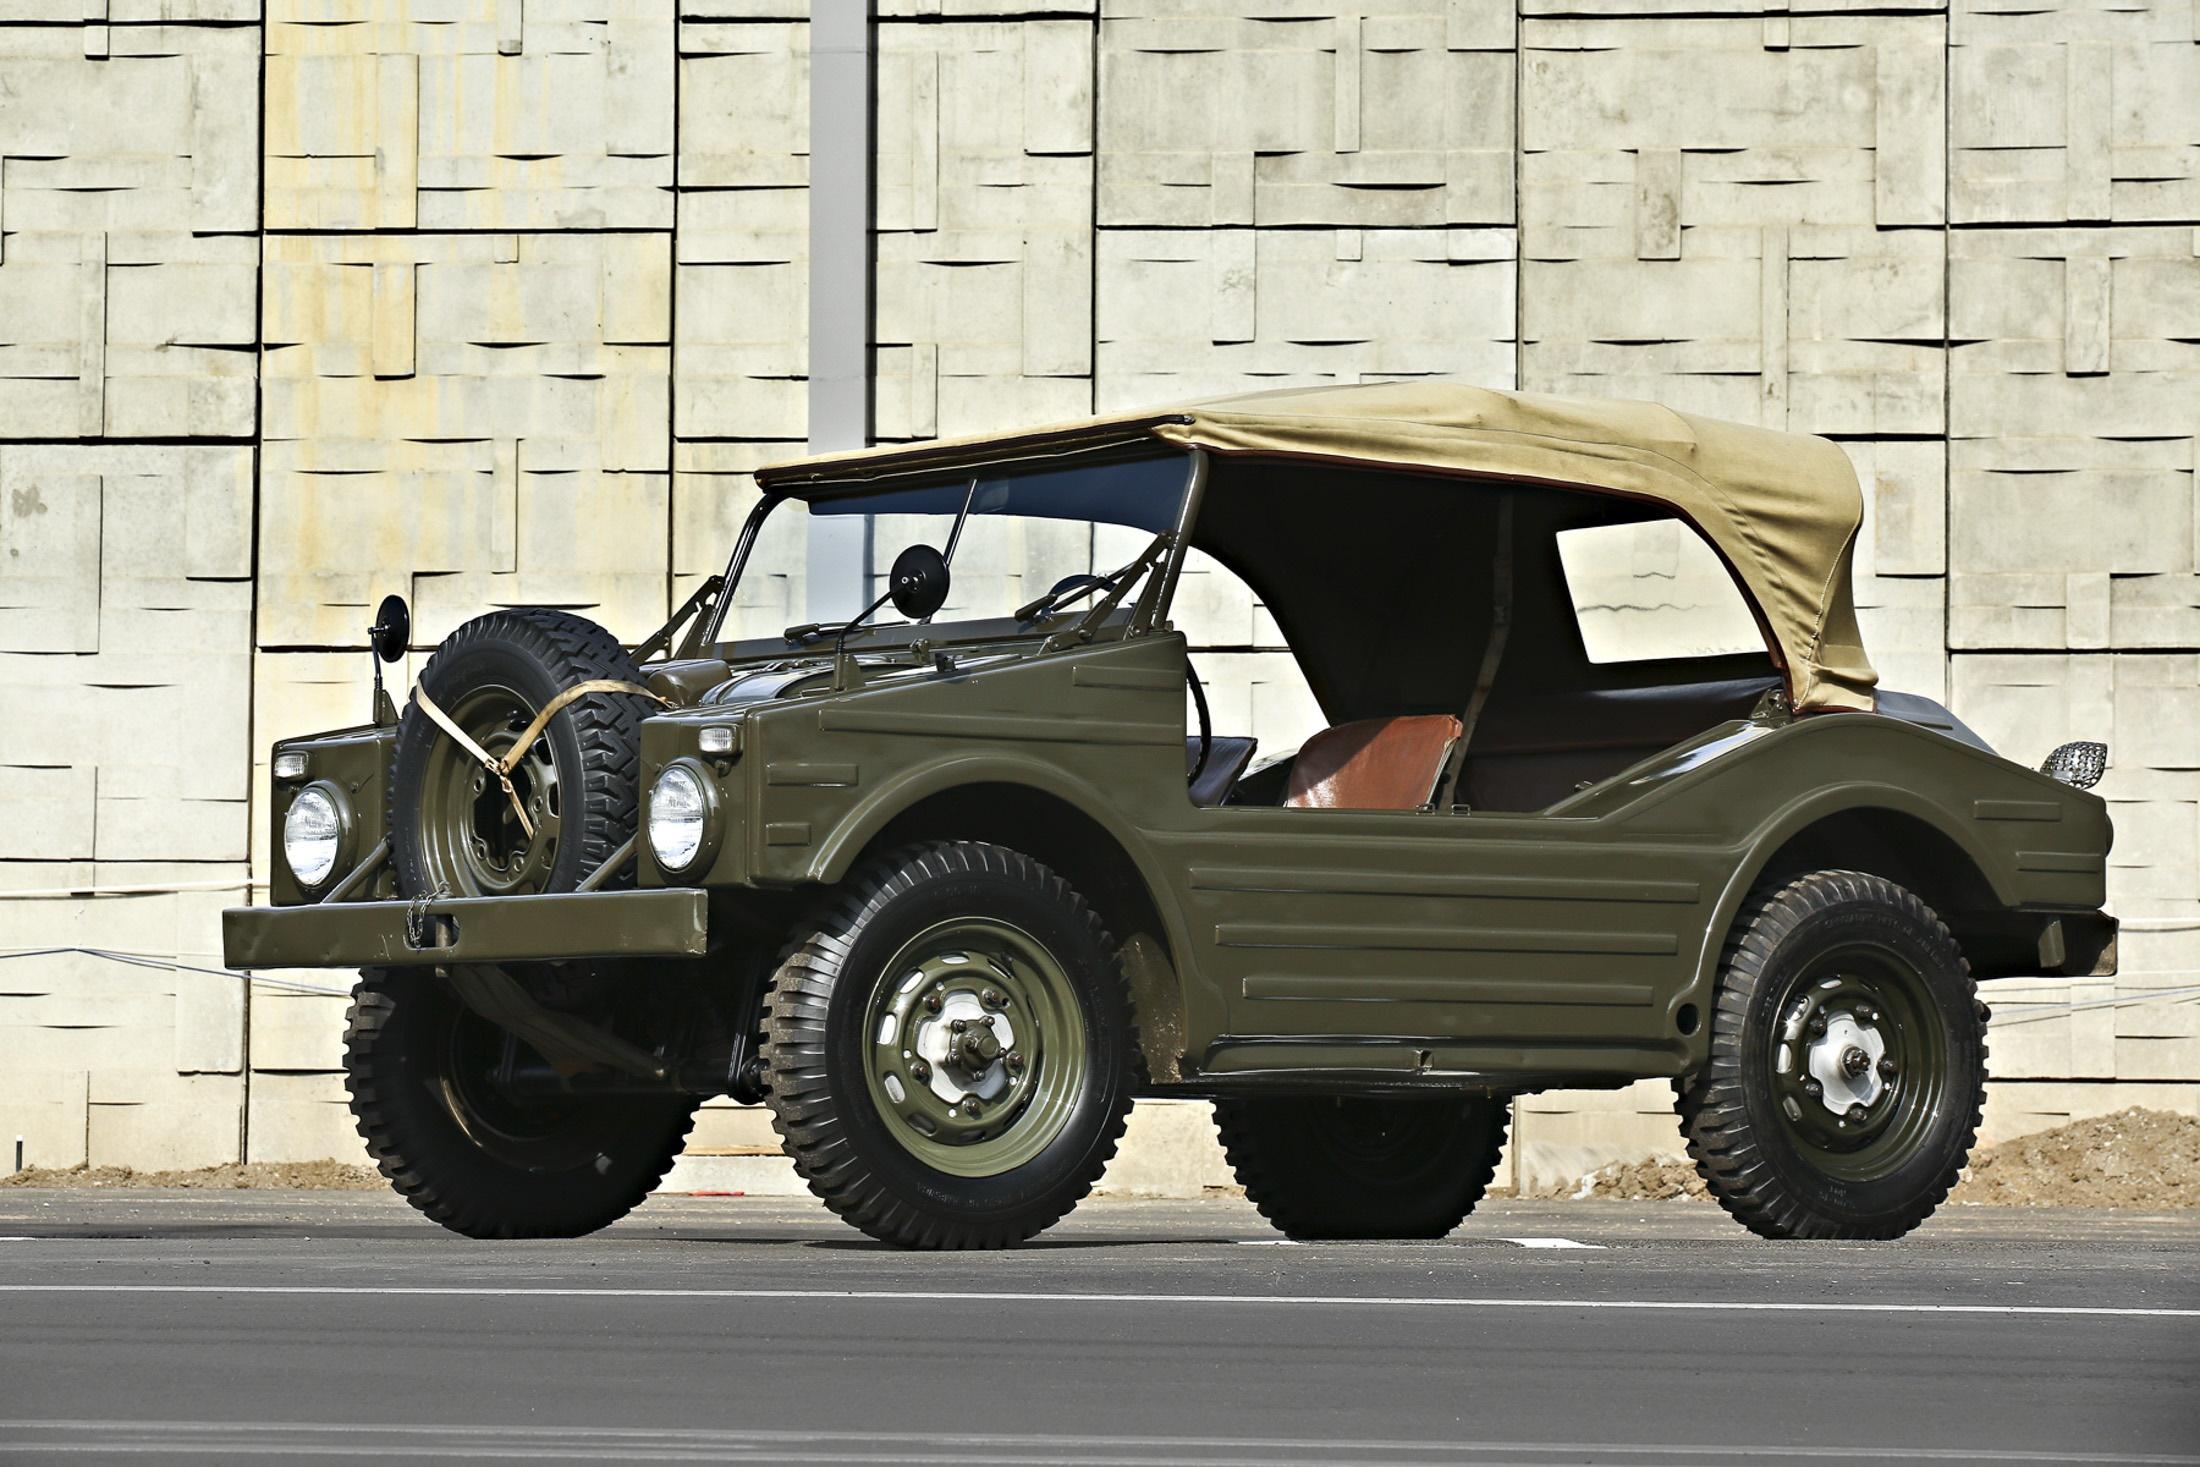 (تصاویر) خودروهای عجیب در جزیره ای از آمریکا